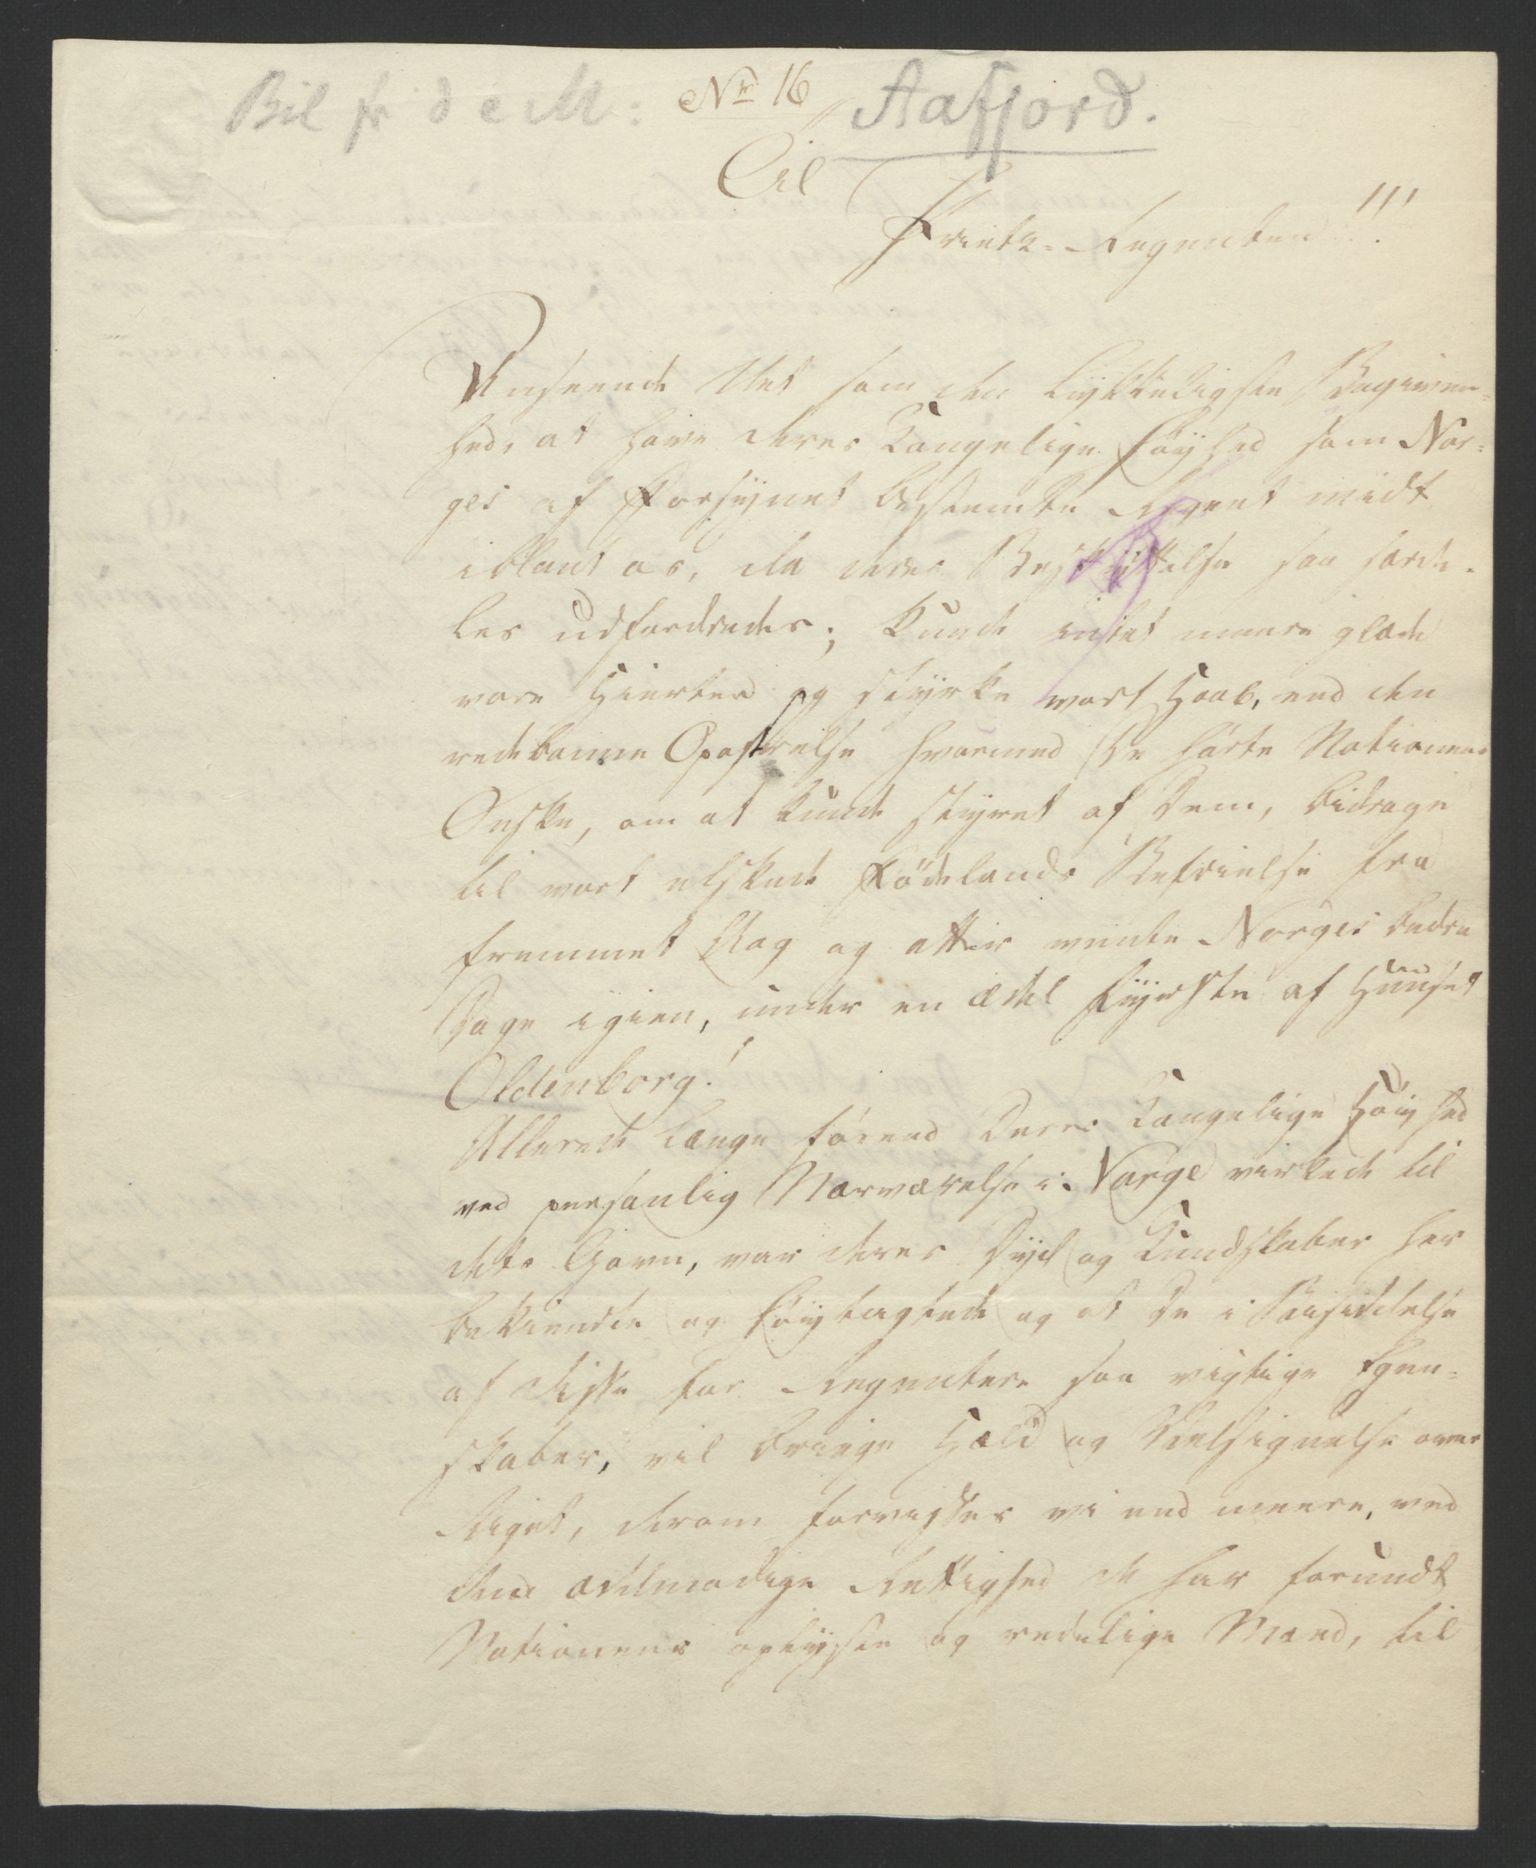 RA, Statsrådssekretariatet, D/Db/L0008: Fullmakter for Eidsvollsrepresentantene i 1814. , 1814, s. 429